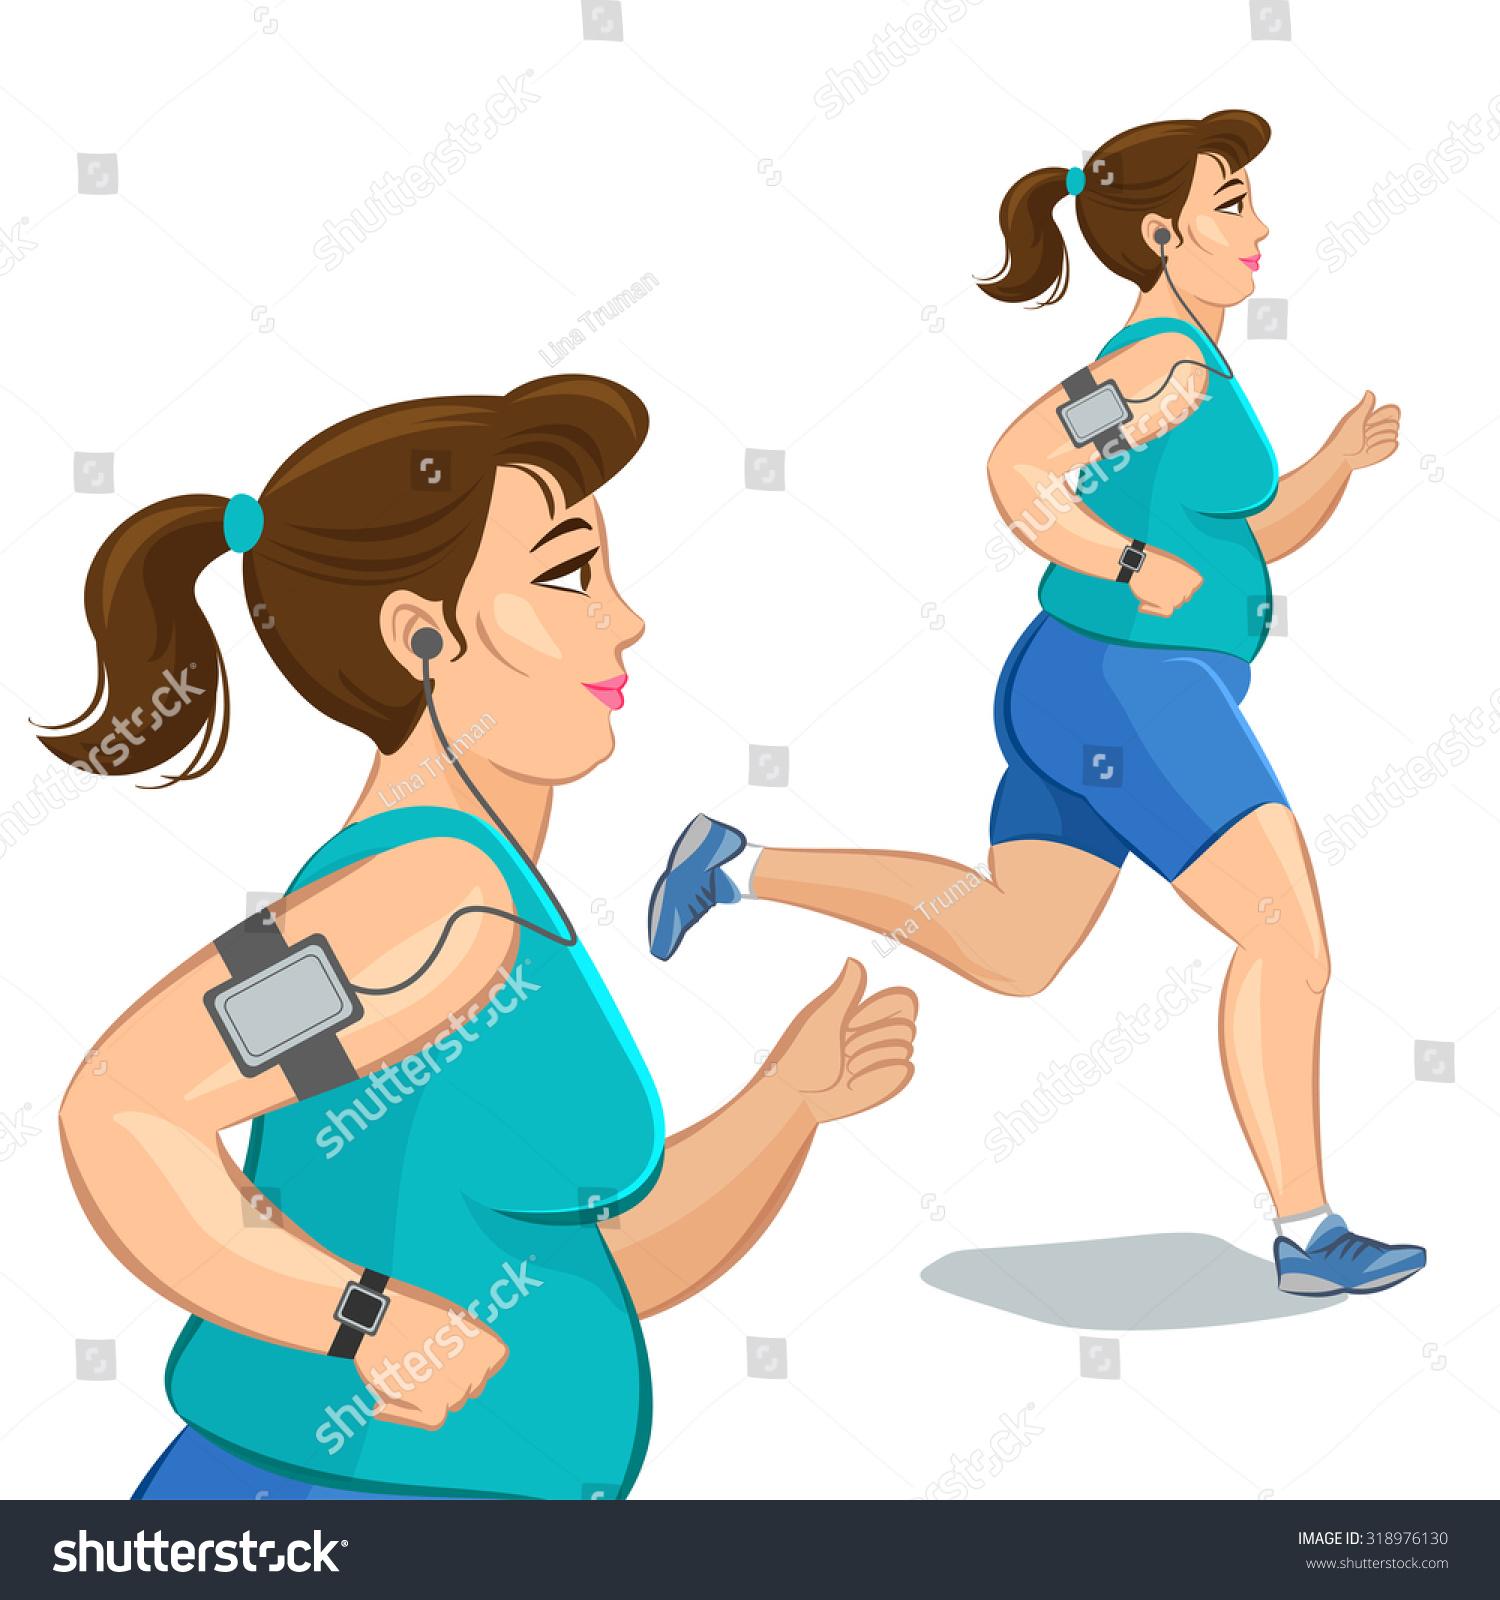 插图漫画胖女孩慢跑的智能设备,减肥概念,有氧训练,的